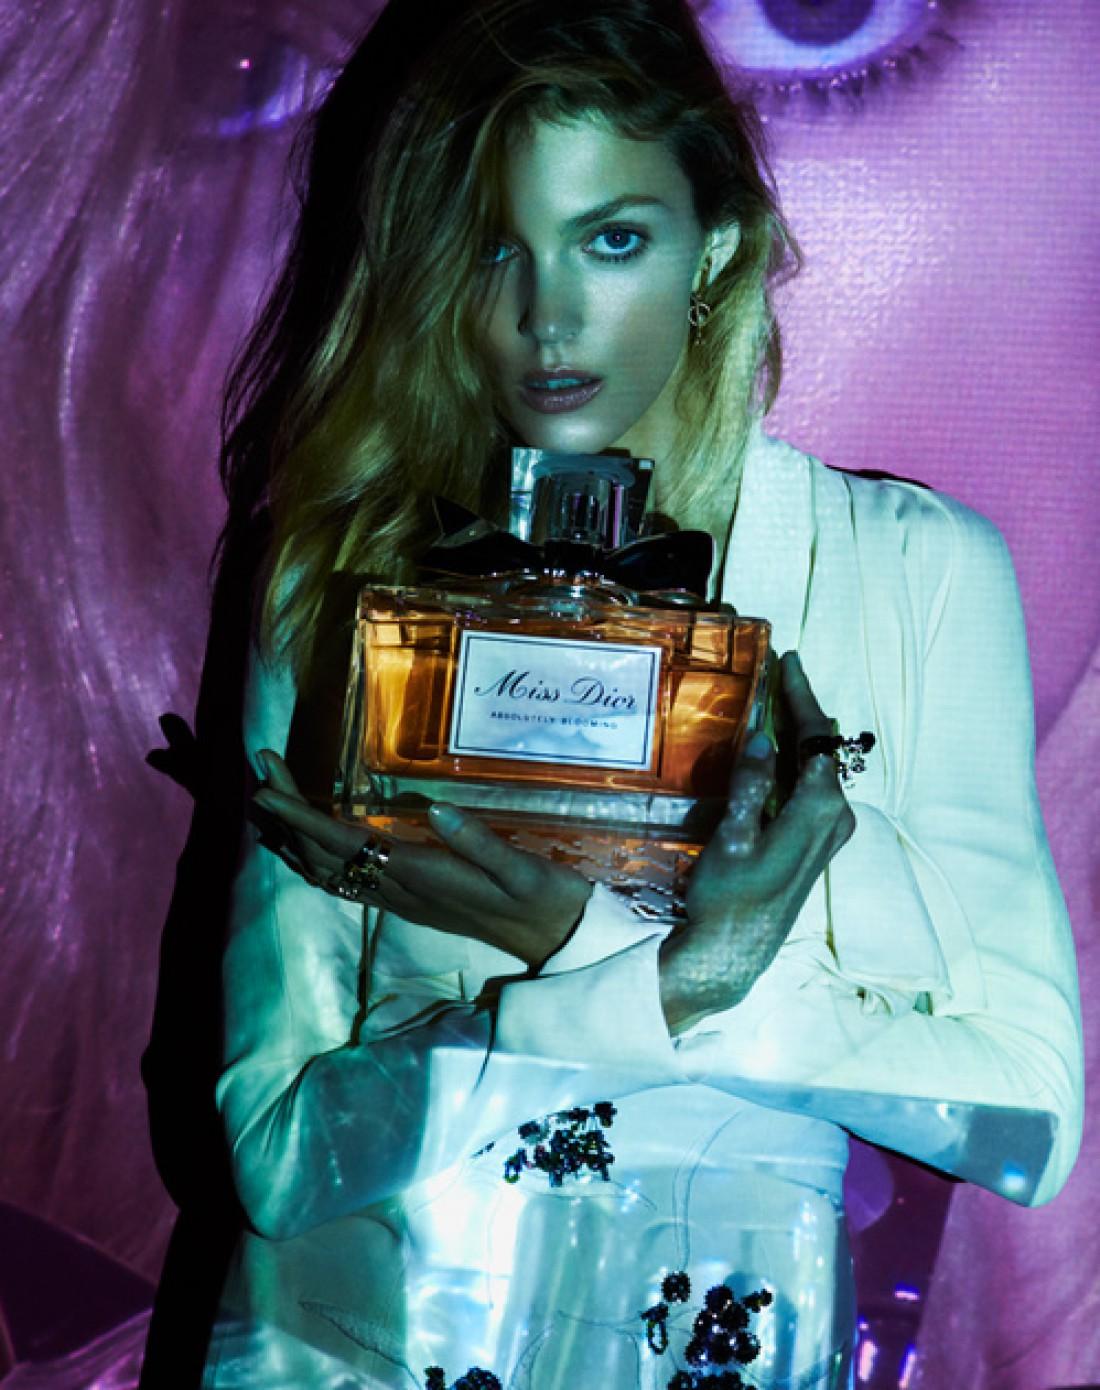 У девушки с плохим парфюмом, нет будущего (Коко Шанель)